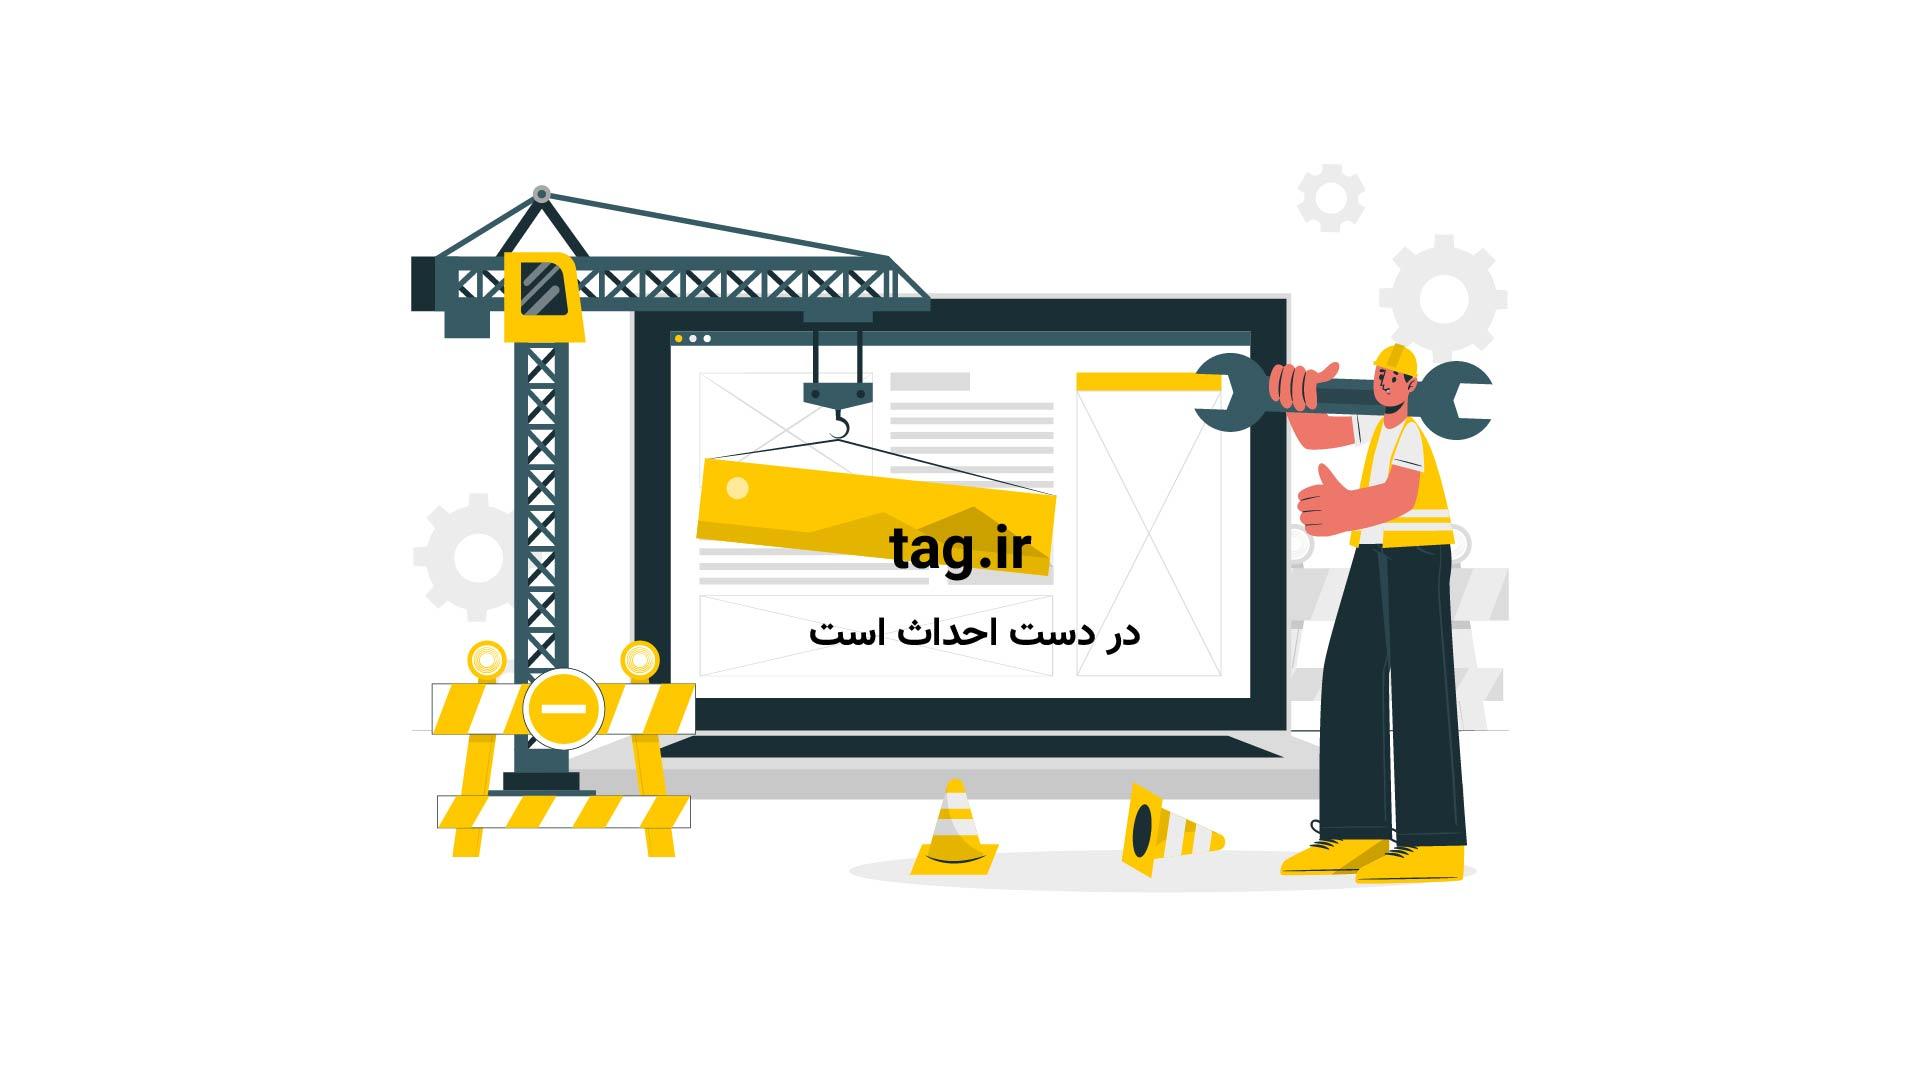 سید حسن خمینی: مردم منتظر تحقق وعده های داده شده در انتخابات هستند   فیلم